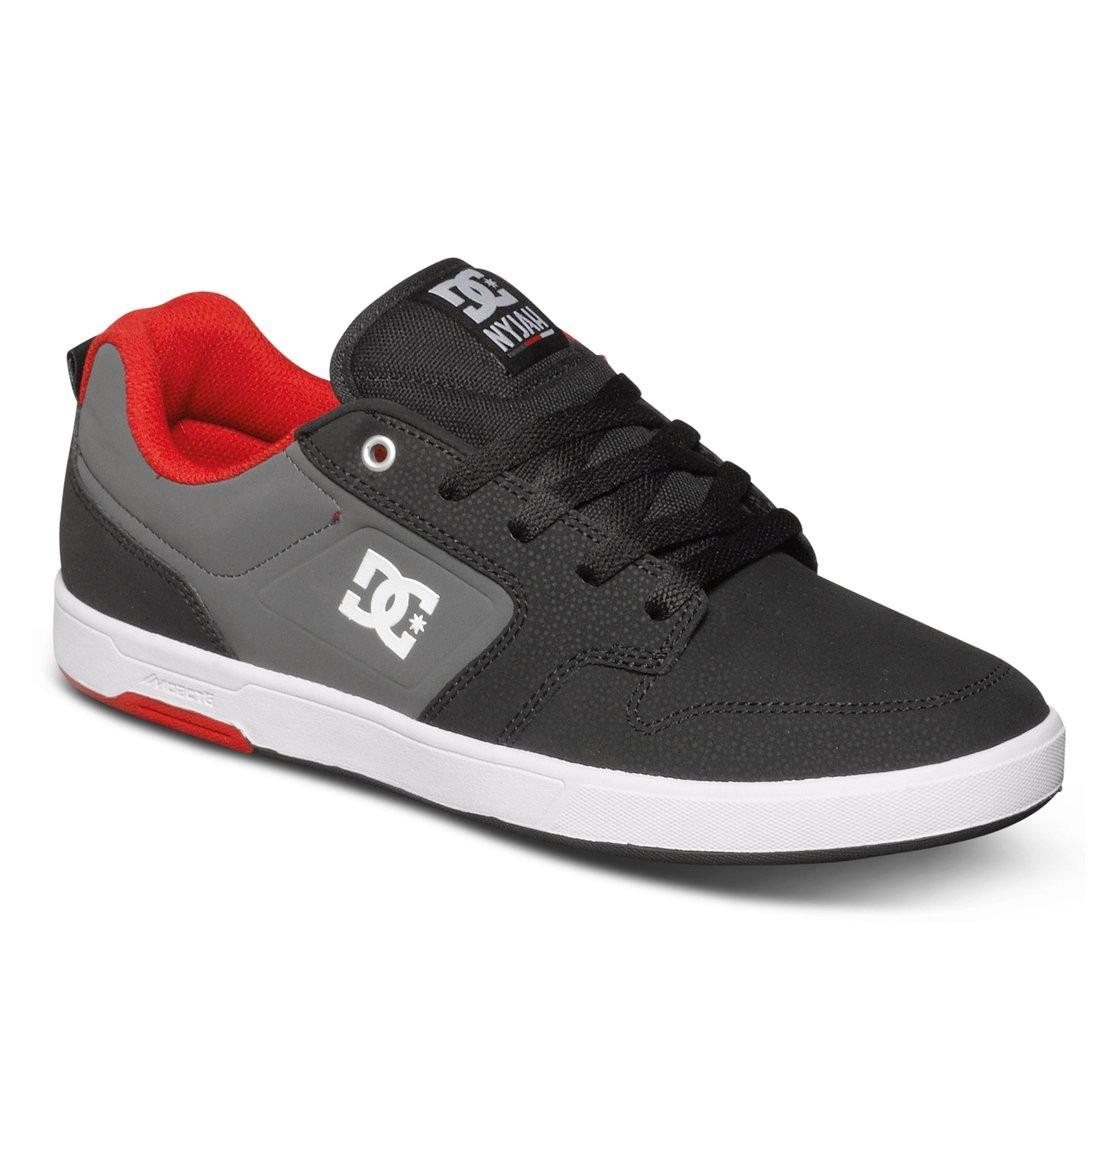 bbd0aad0bc Tênis Dc Shoes Nyjah Huston S - R  359